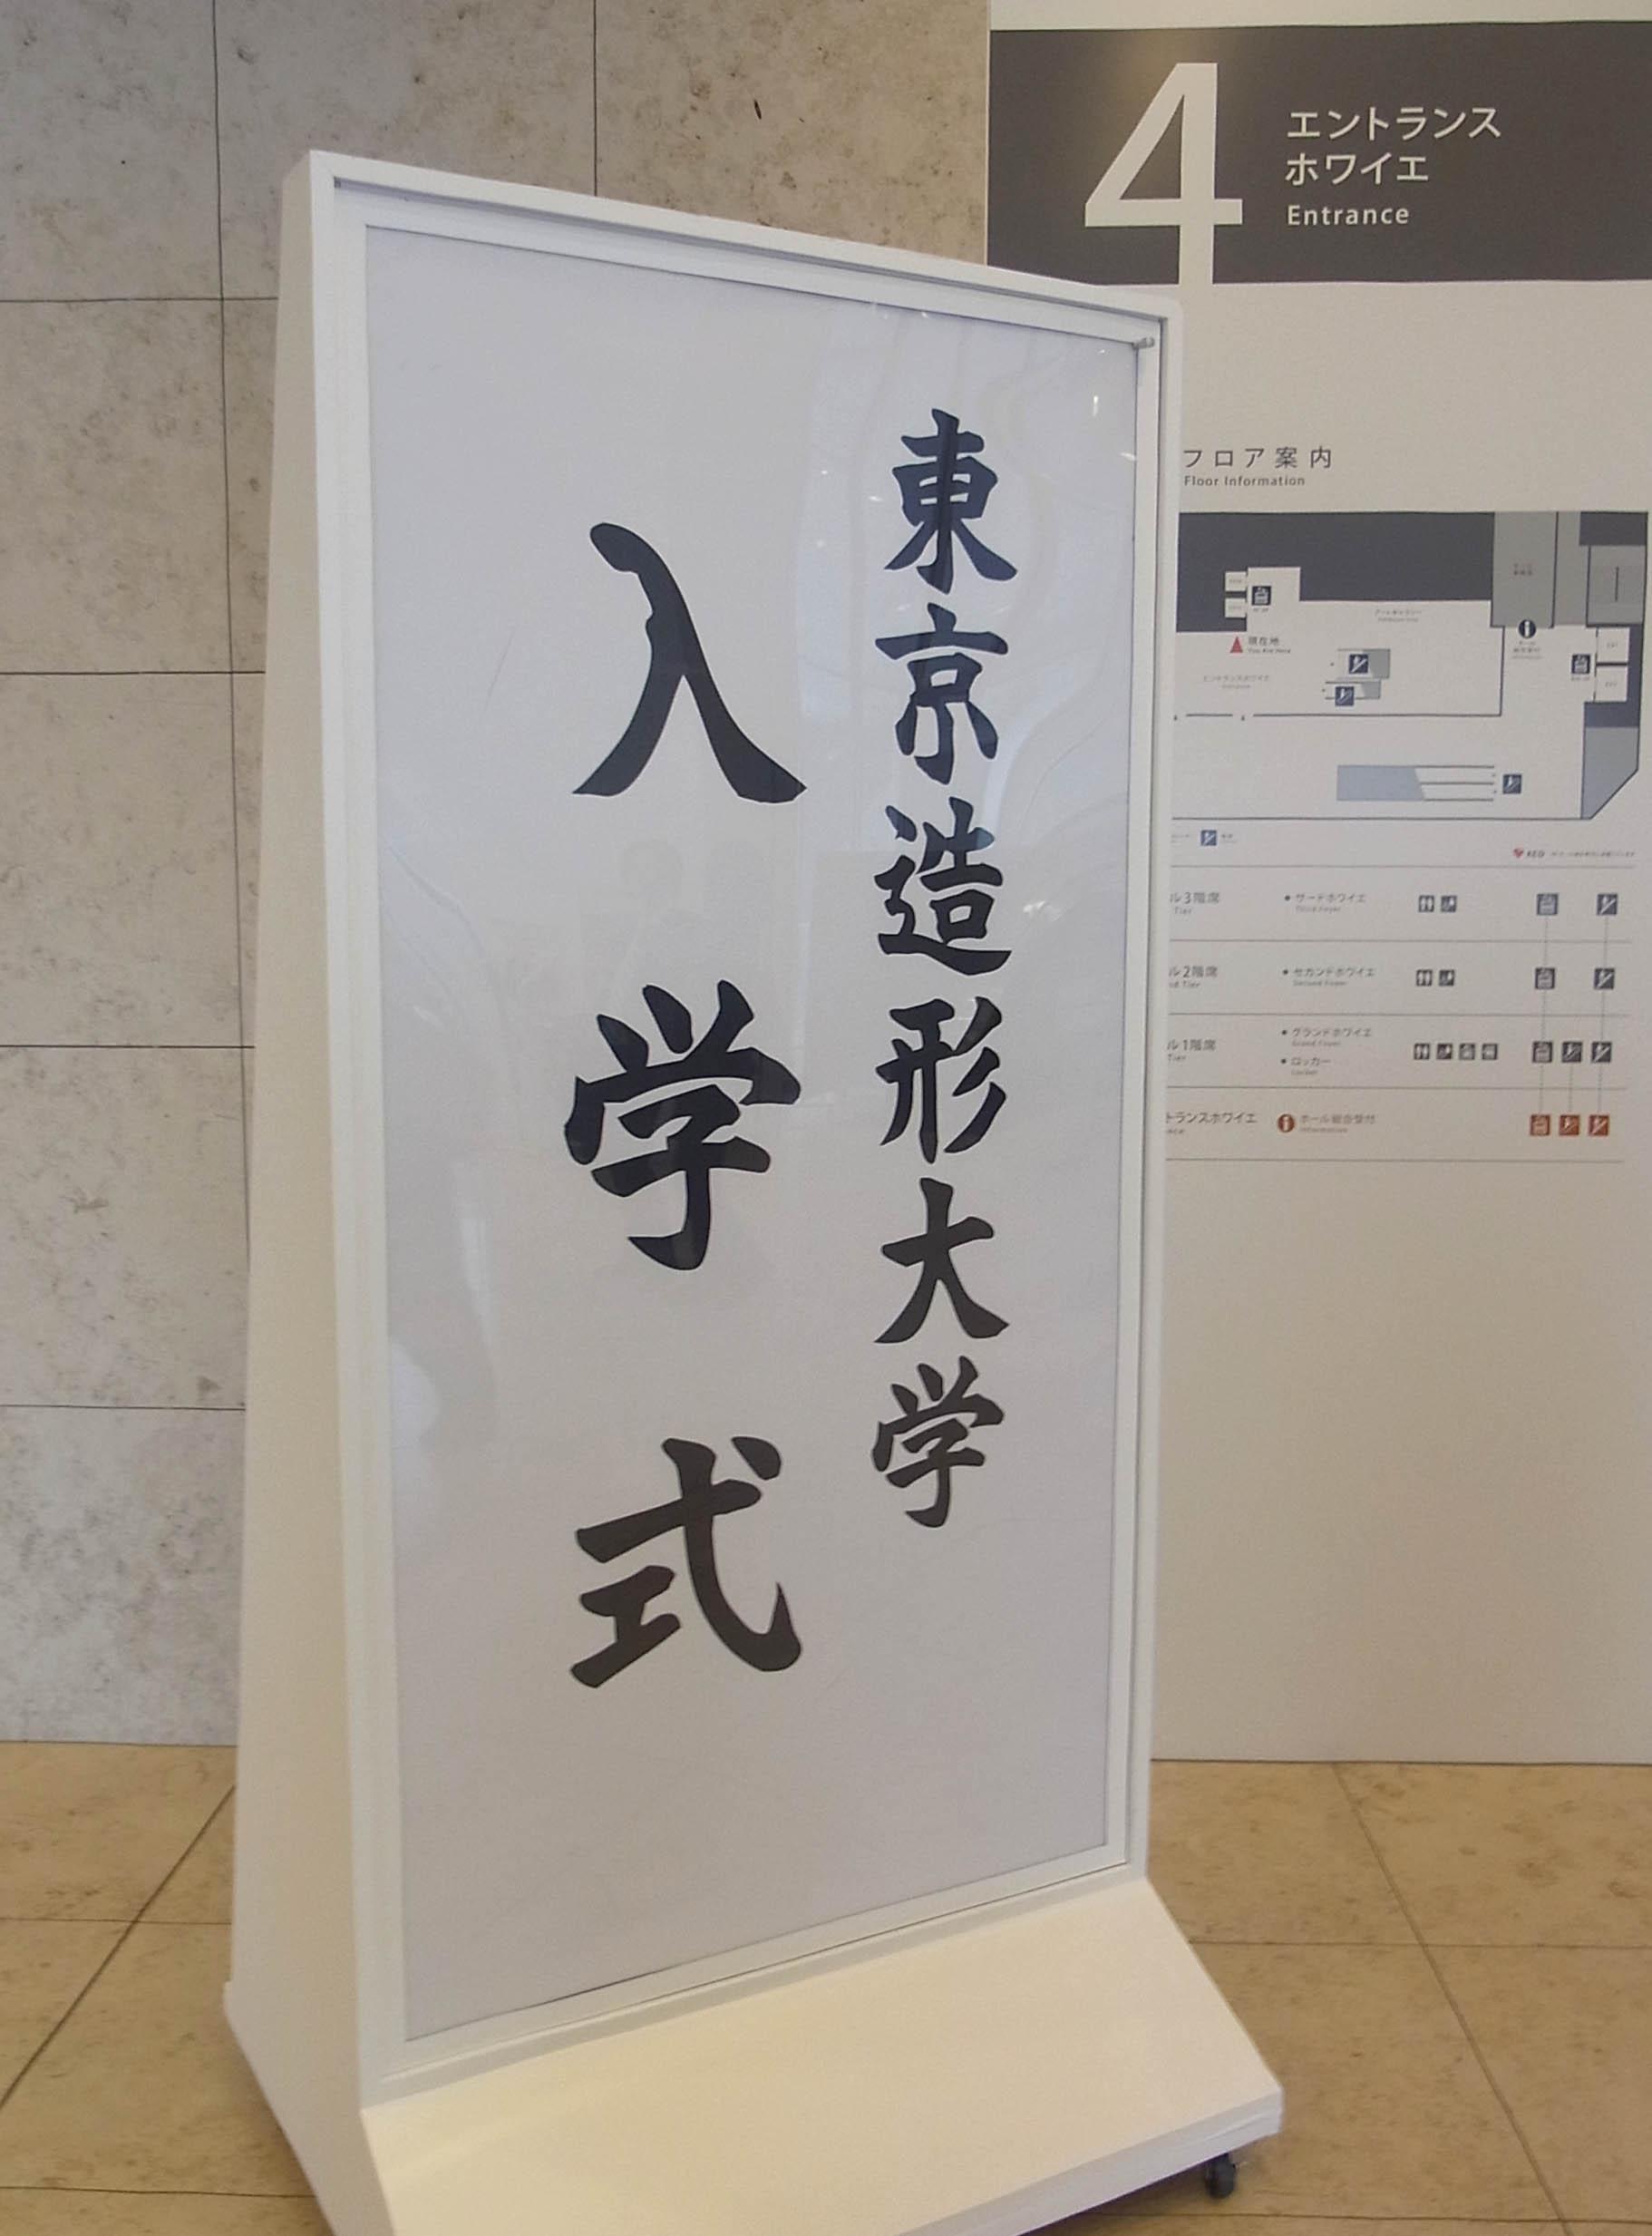 記念写真に大人気の入学式看板!